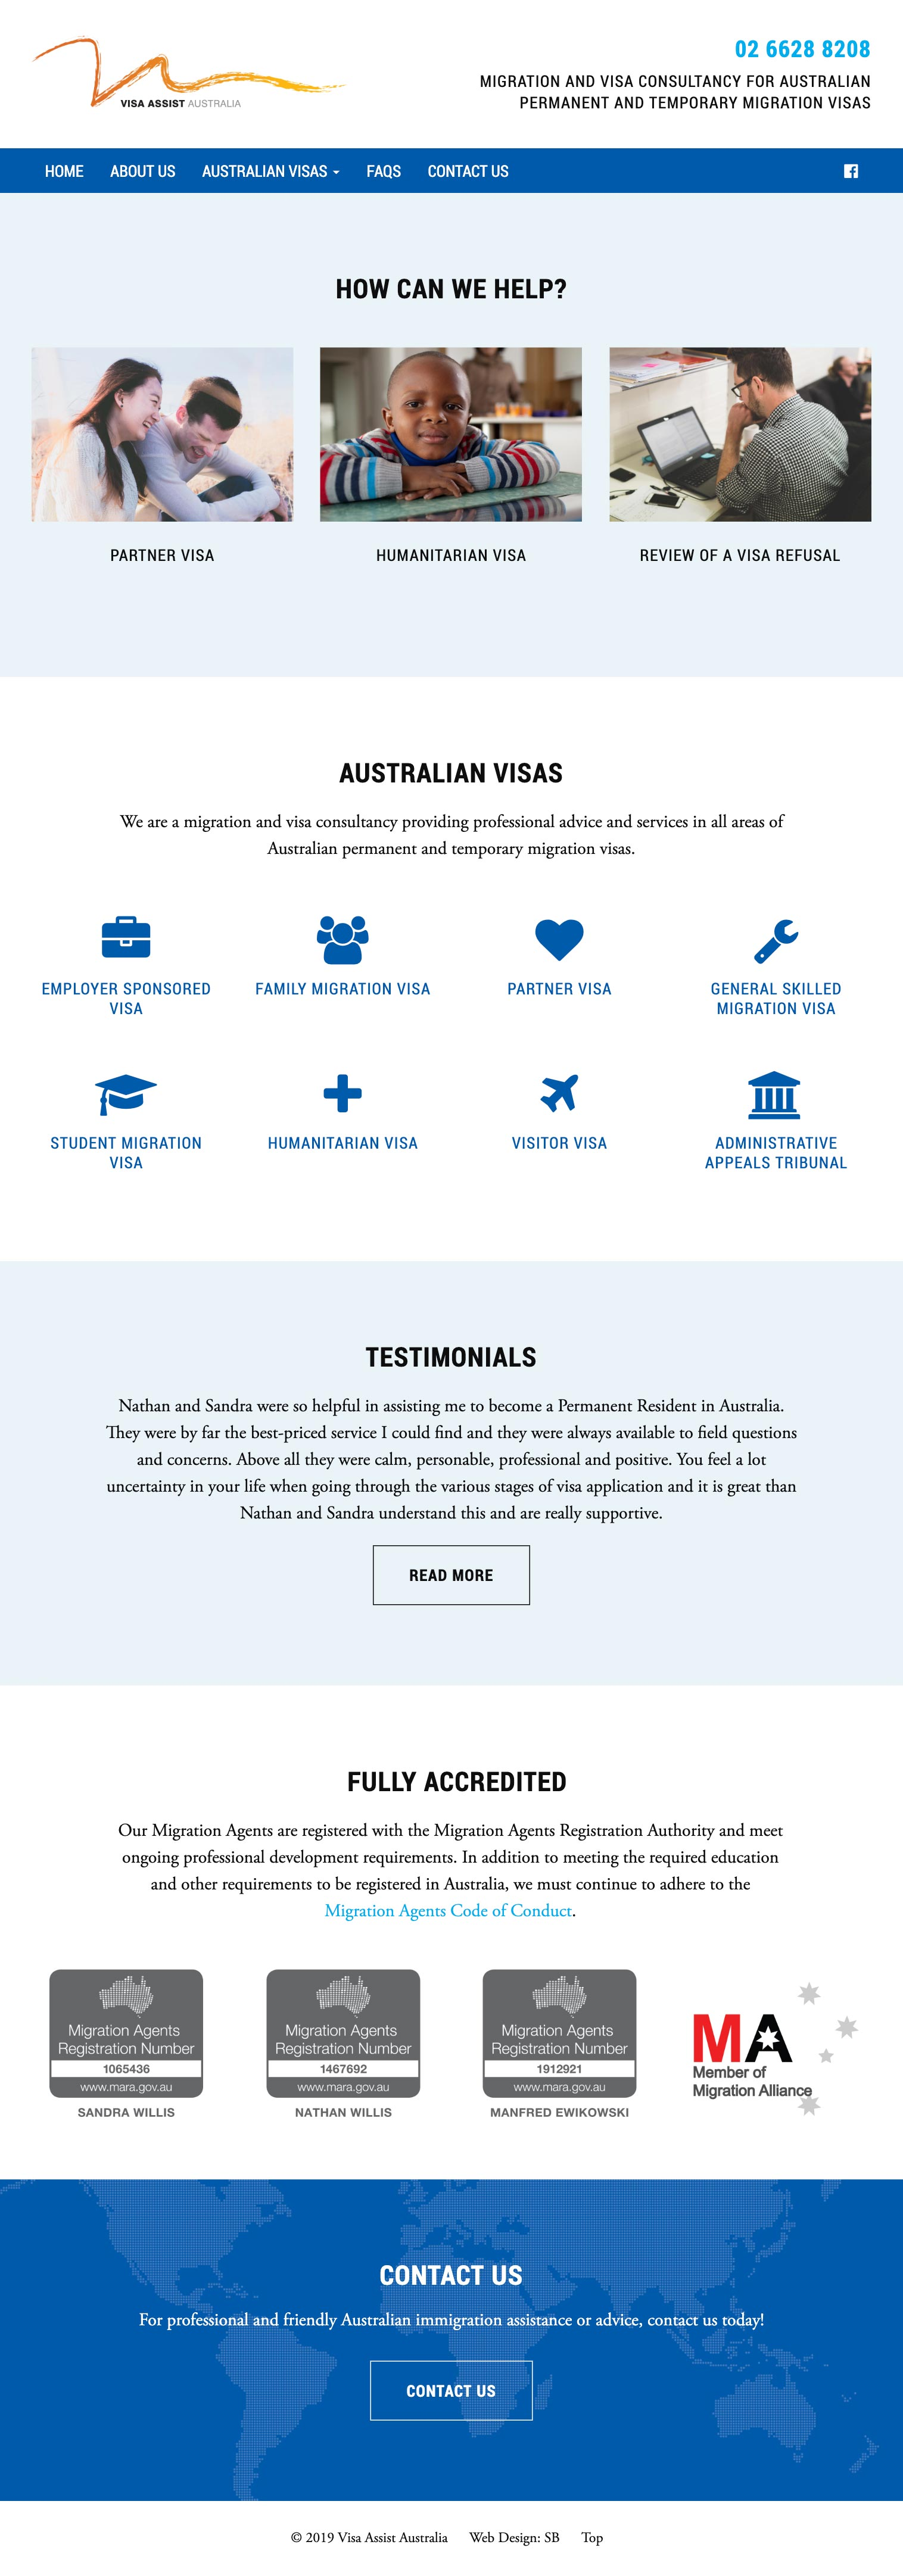 Web Design - Visa-Assist